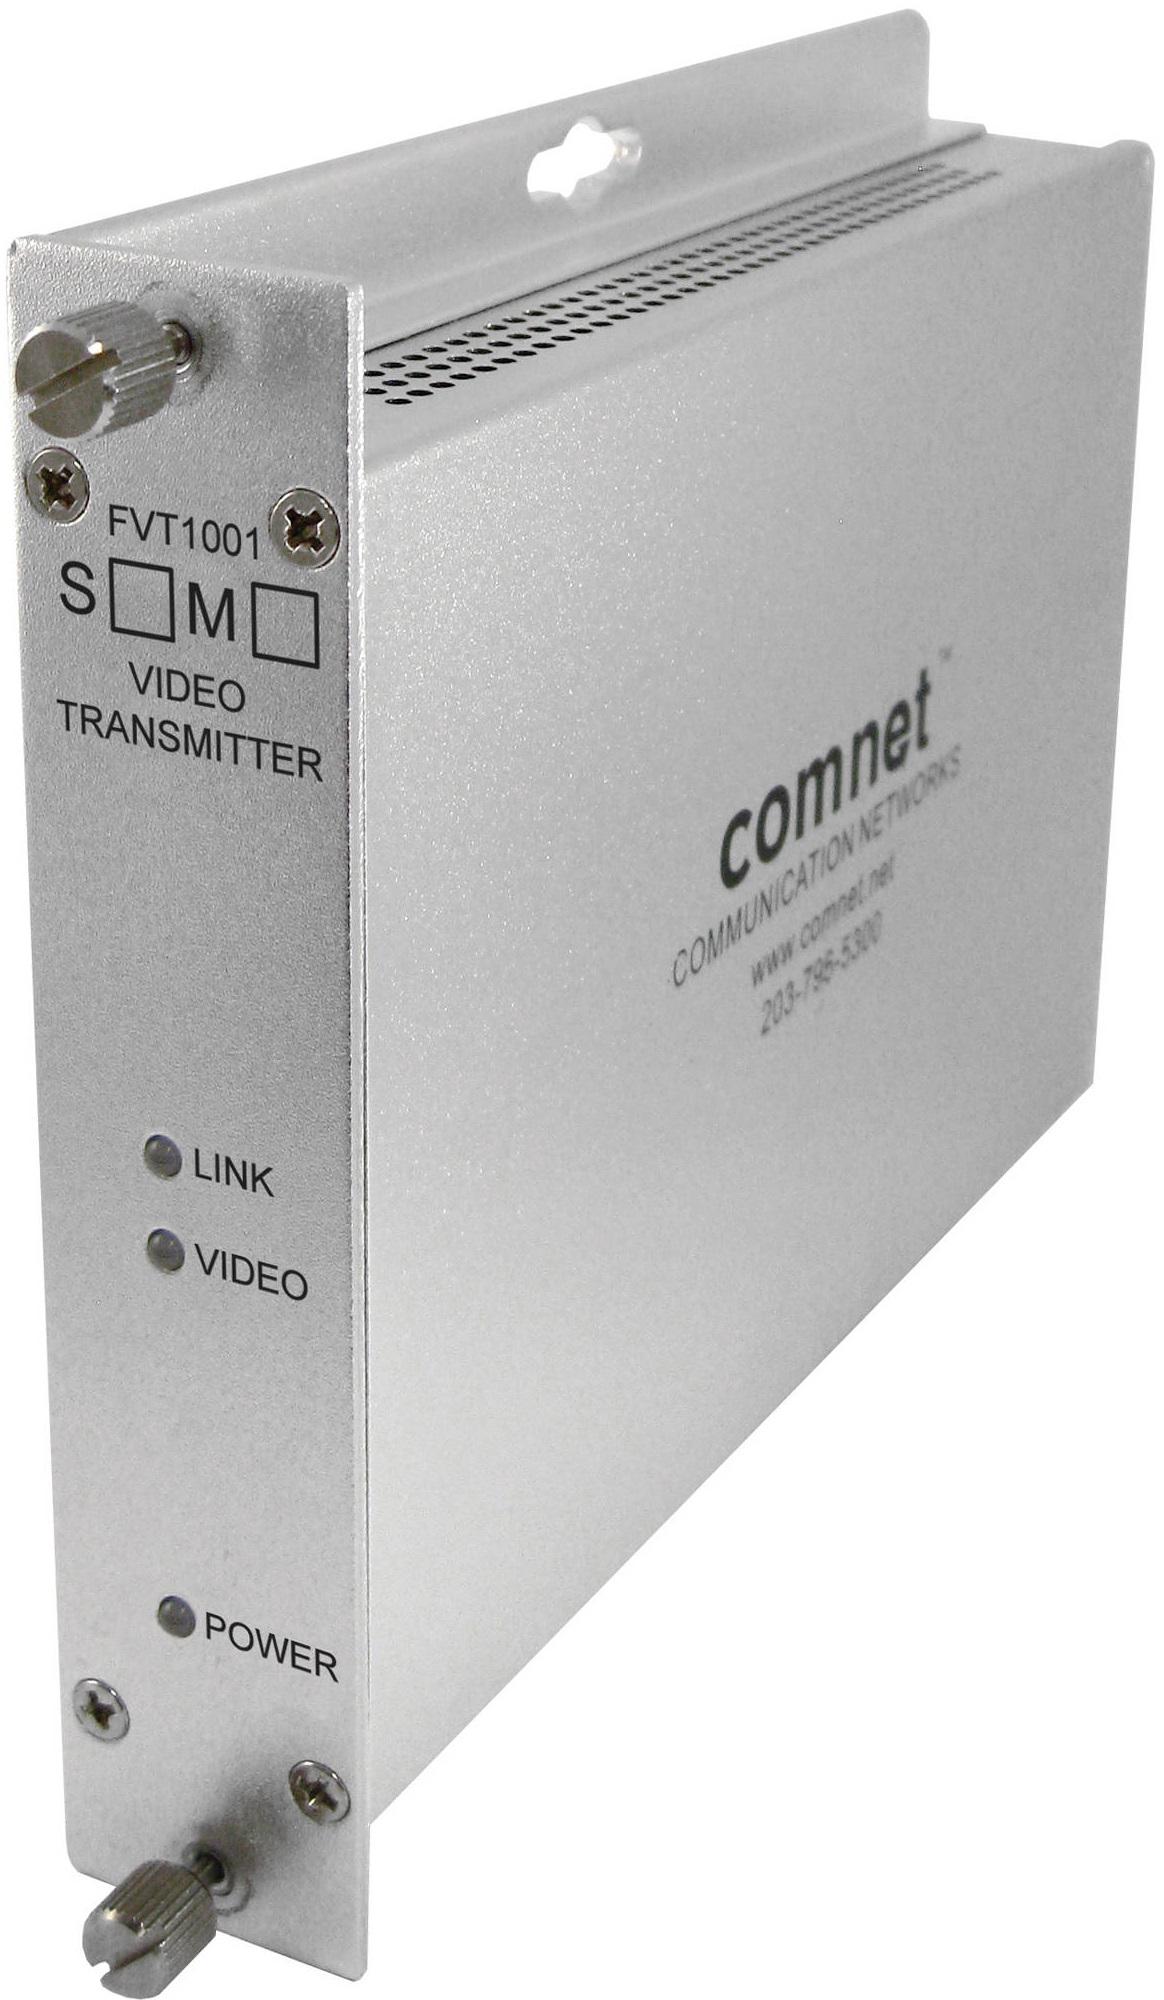 COMNET FVR1001M1